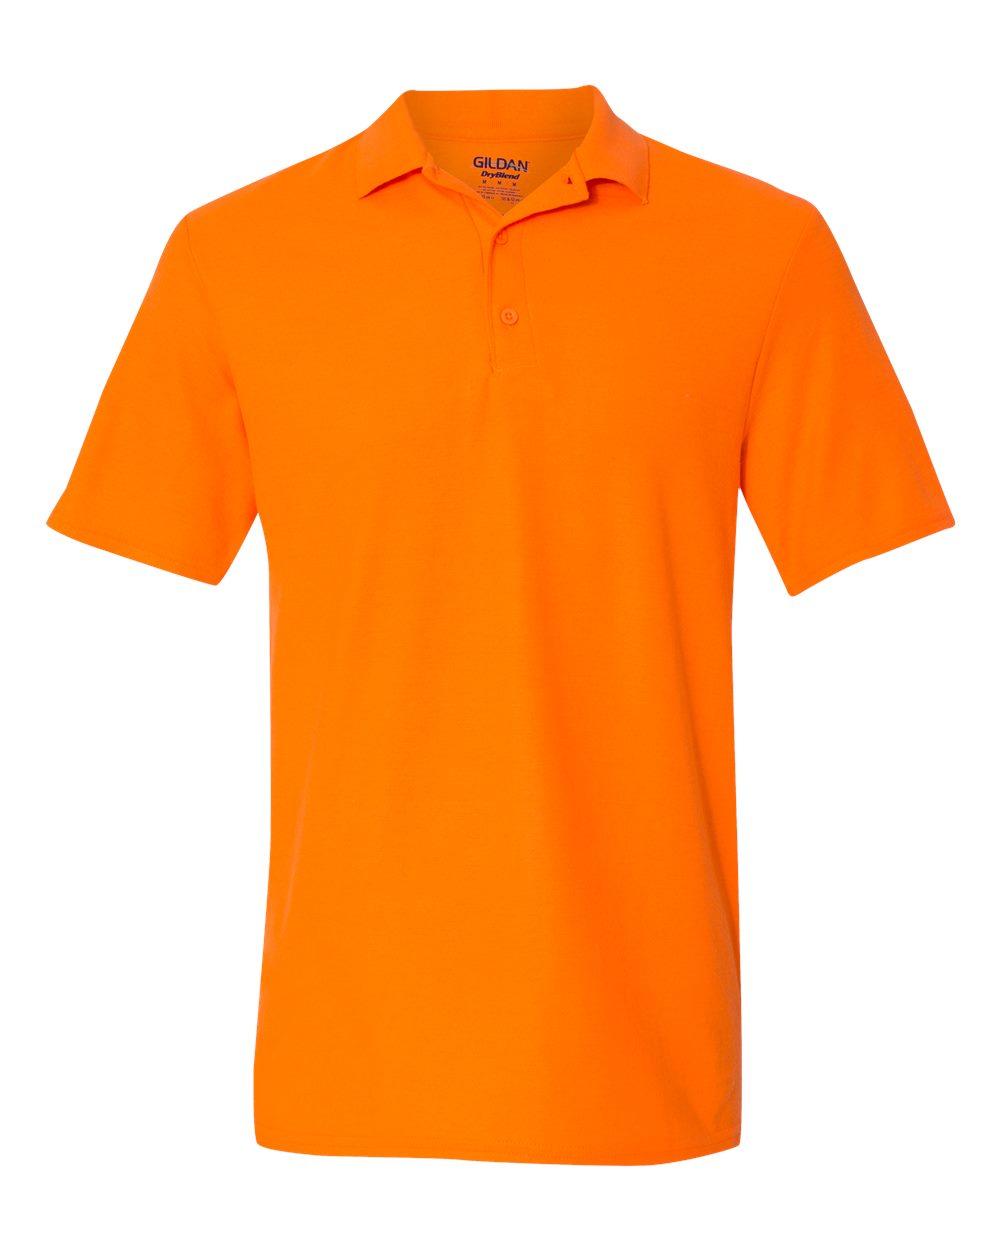 Gildan 72800 - DryBlend Double Pique Sport Shirt   Needen USA 8d168c9ae9